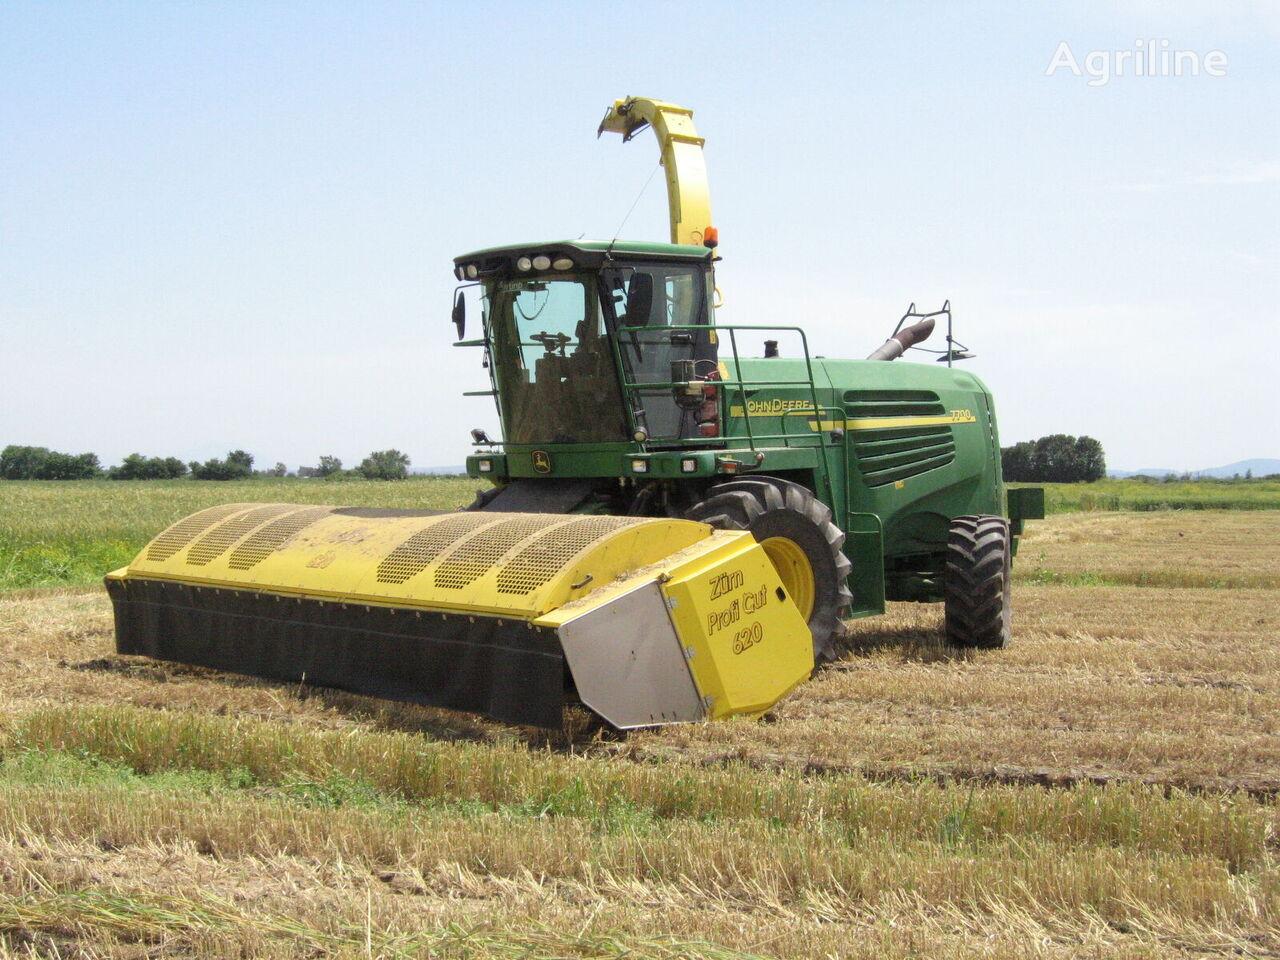 new ZURN pryamogo sreza Profi Cut grain header